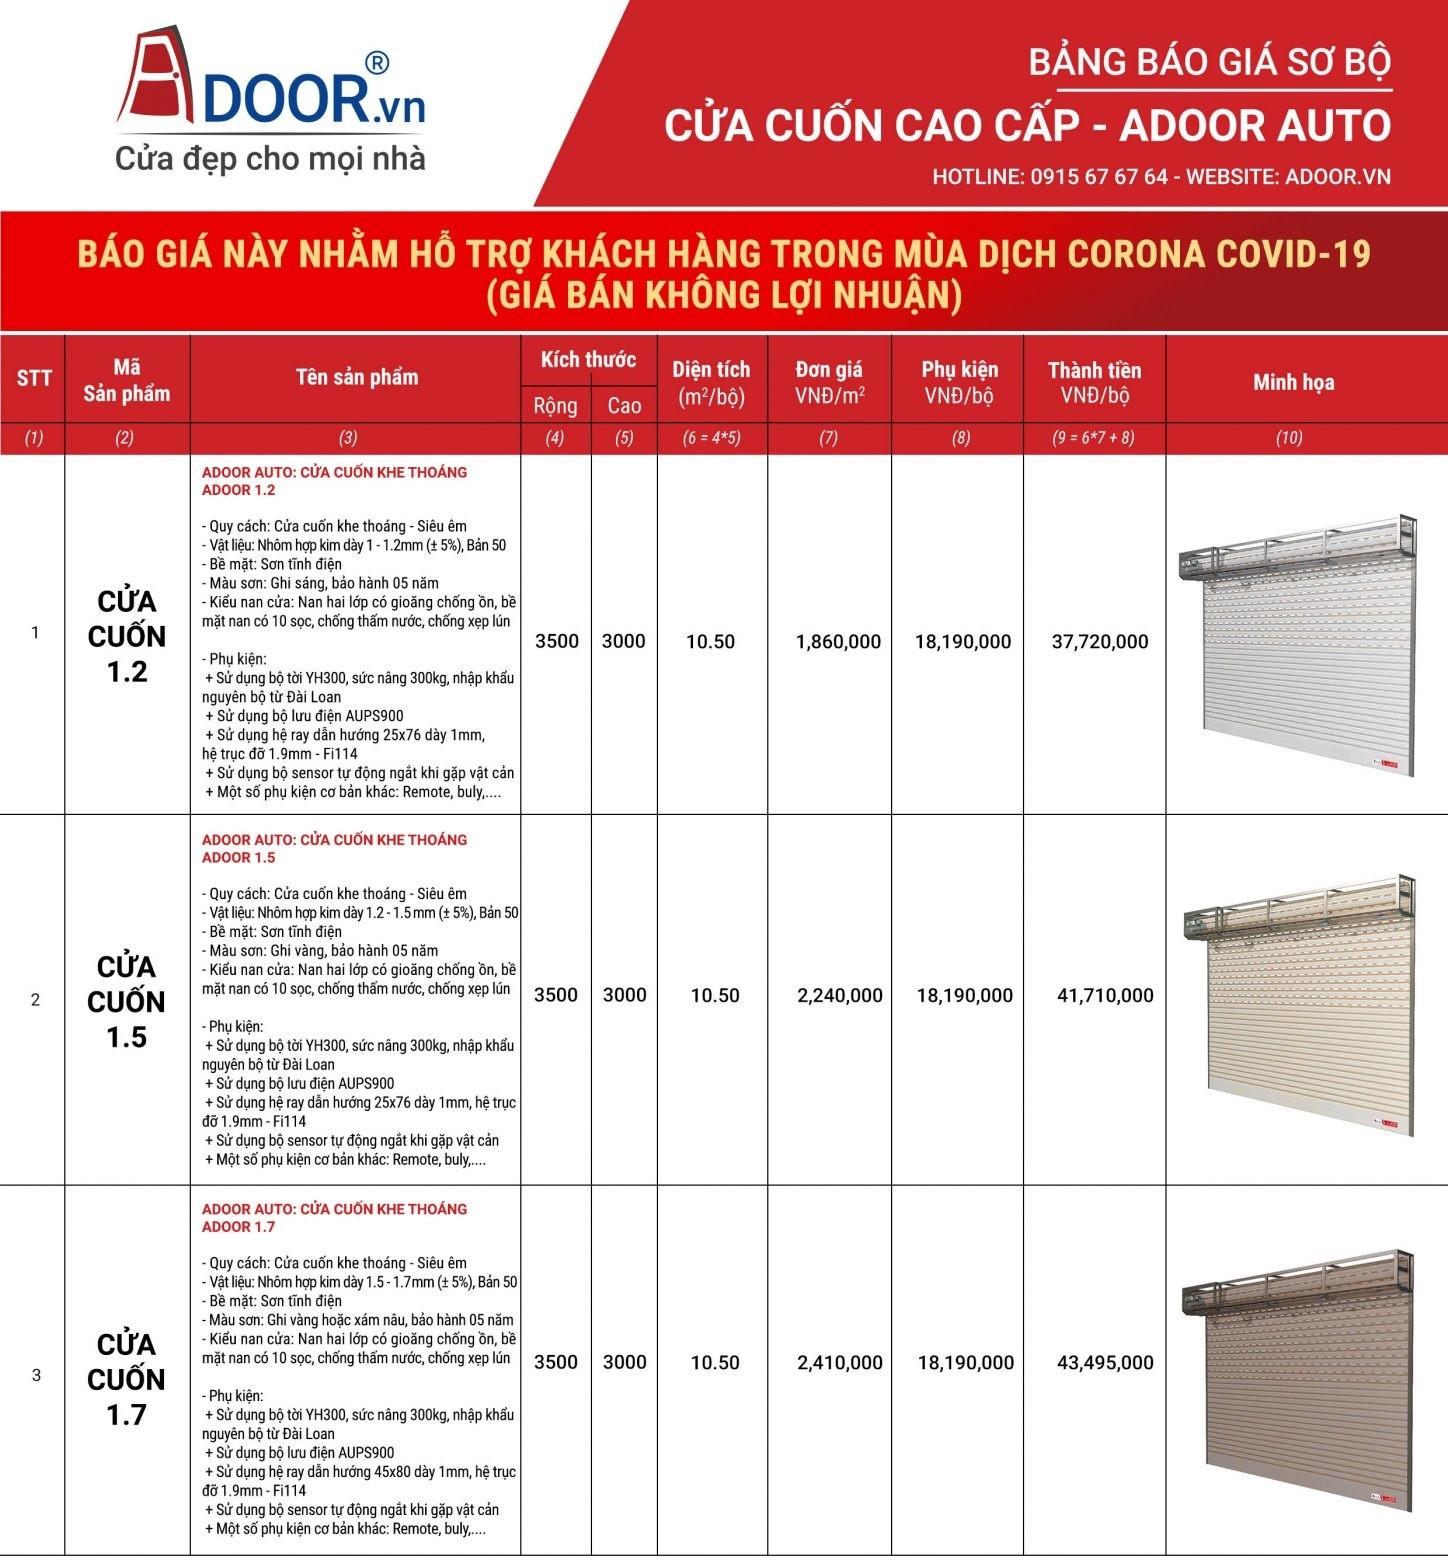 Đây là bảng giá cụ thể các loại cửa cuốn tại Adoor